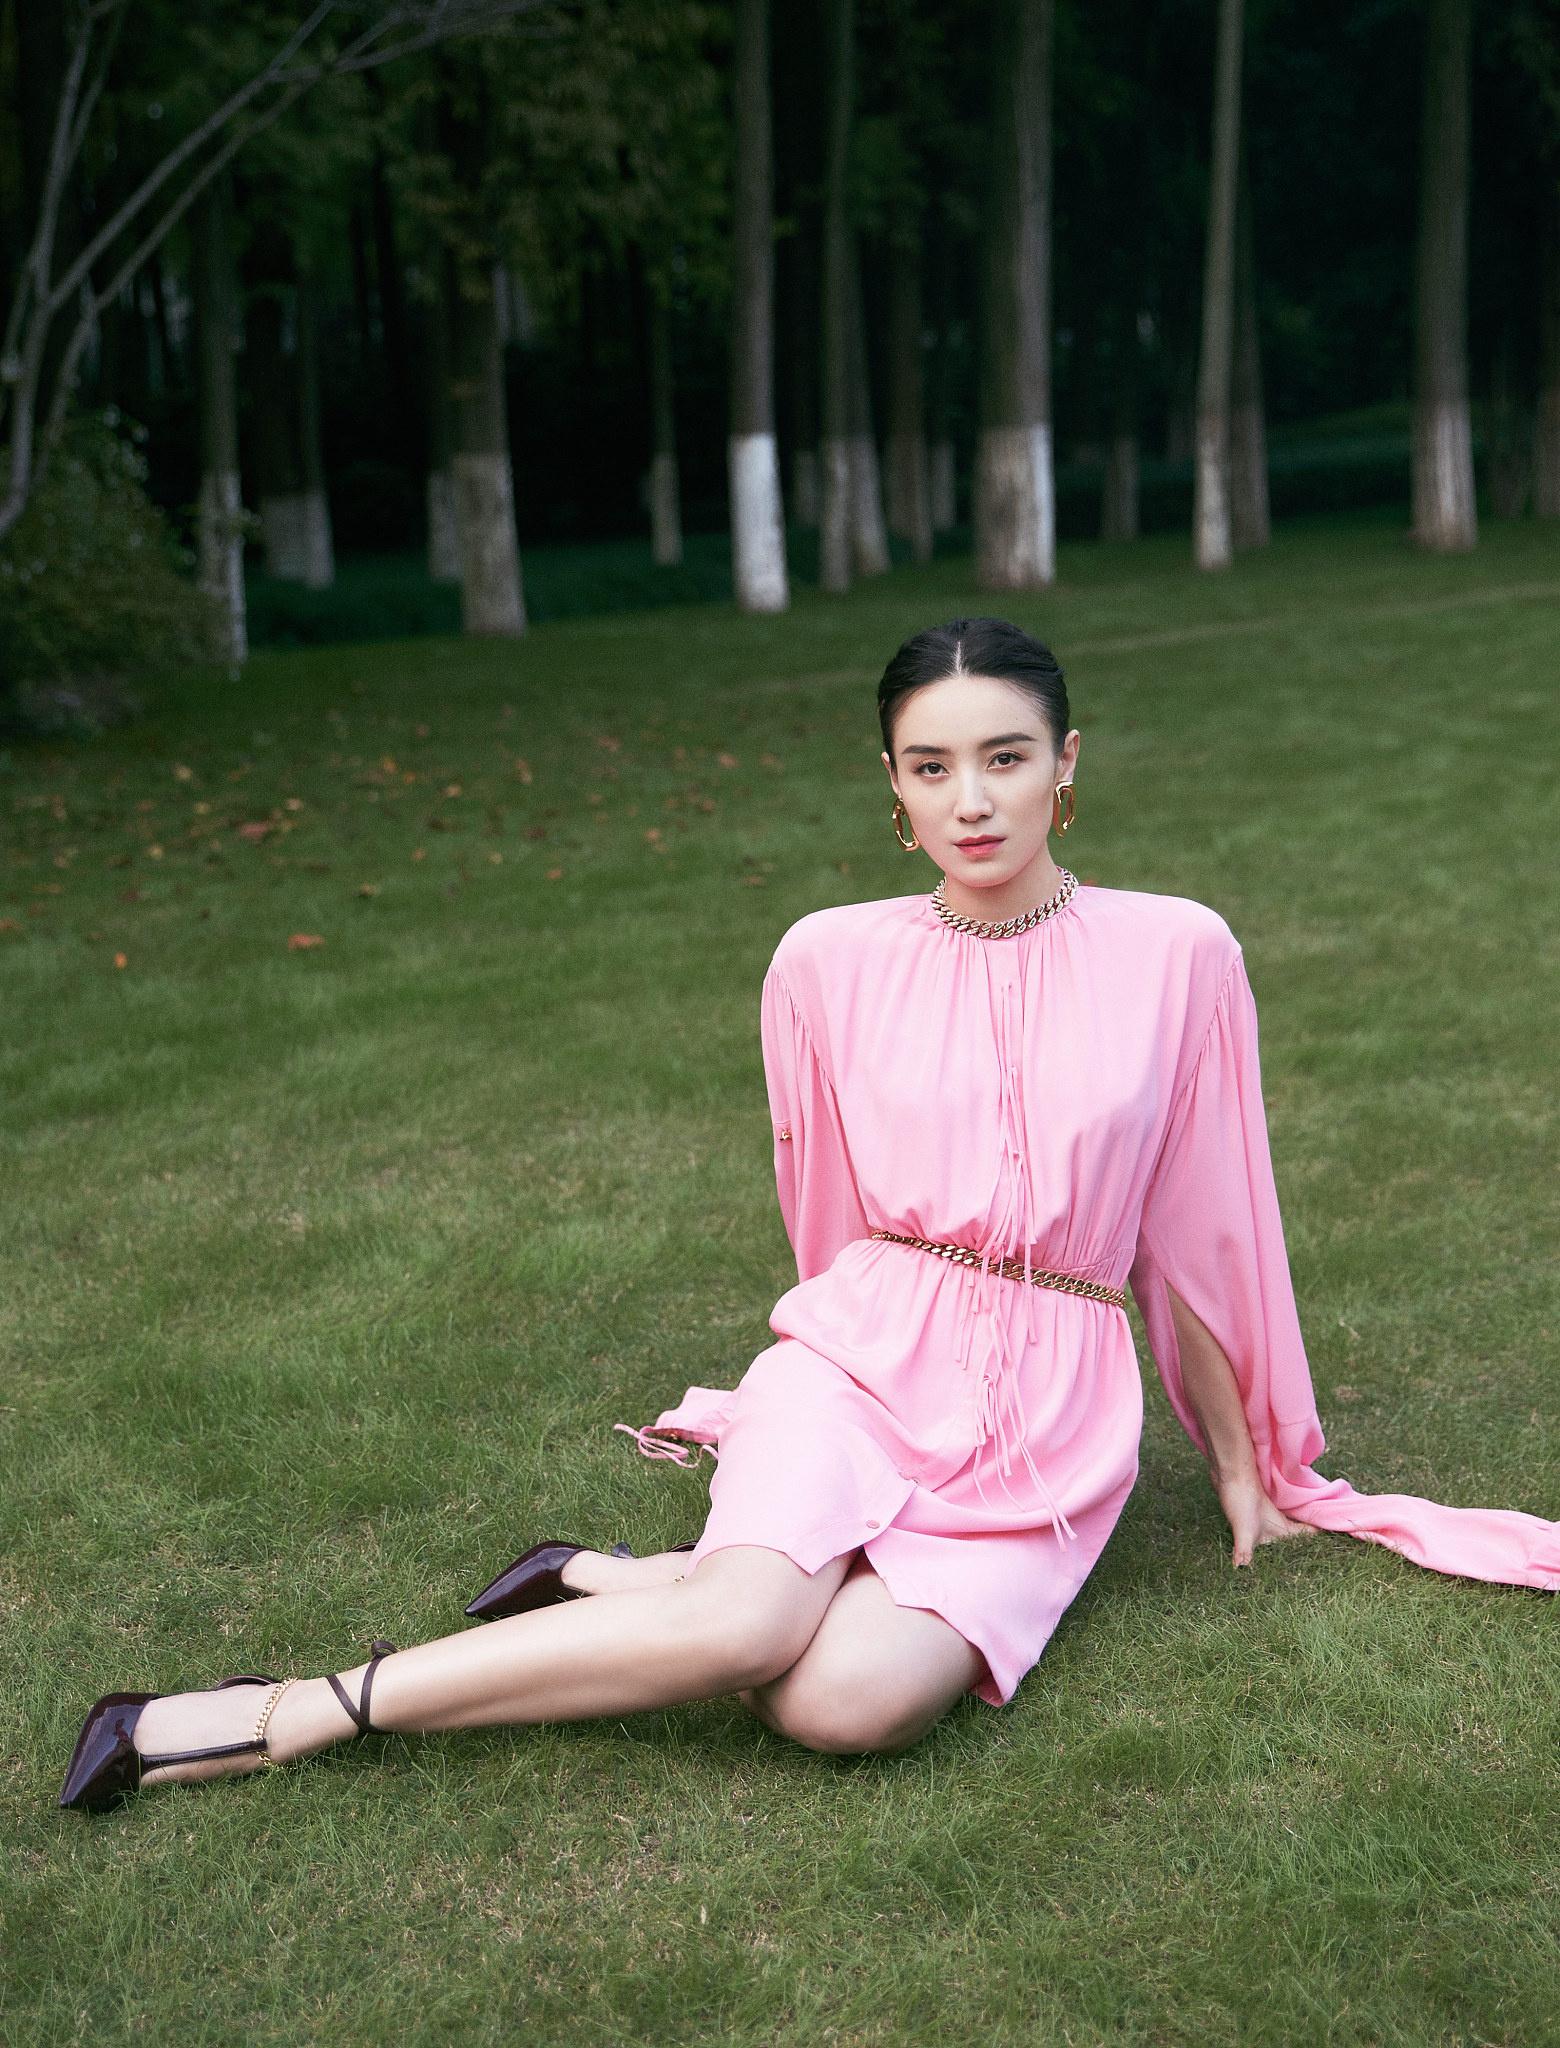 宋佳亮相华语青年电影周开幕 穿粉裙秀白皙玉腿